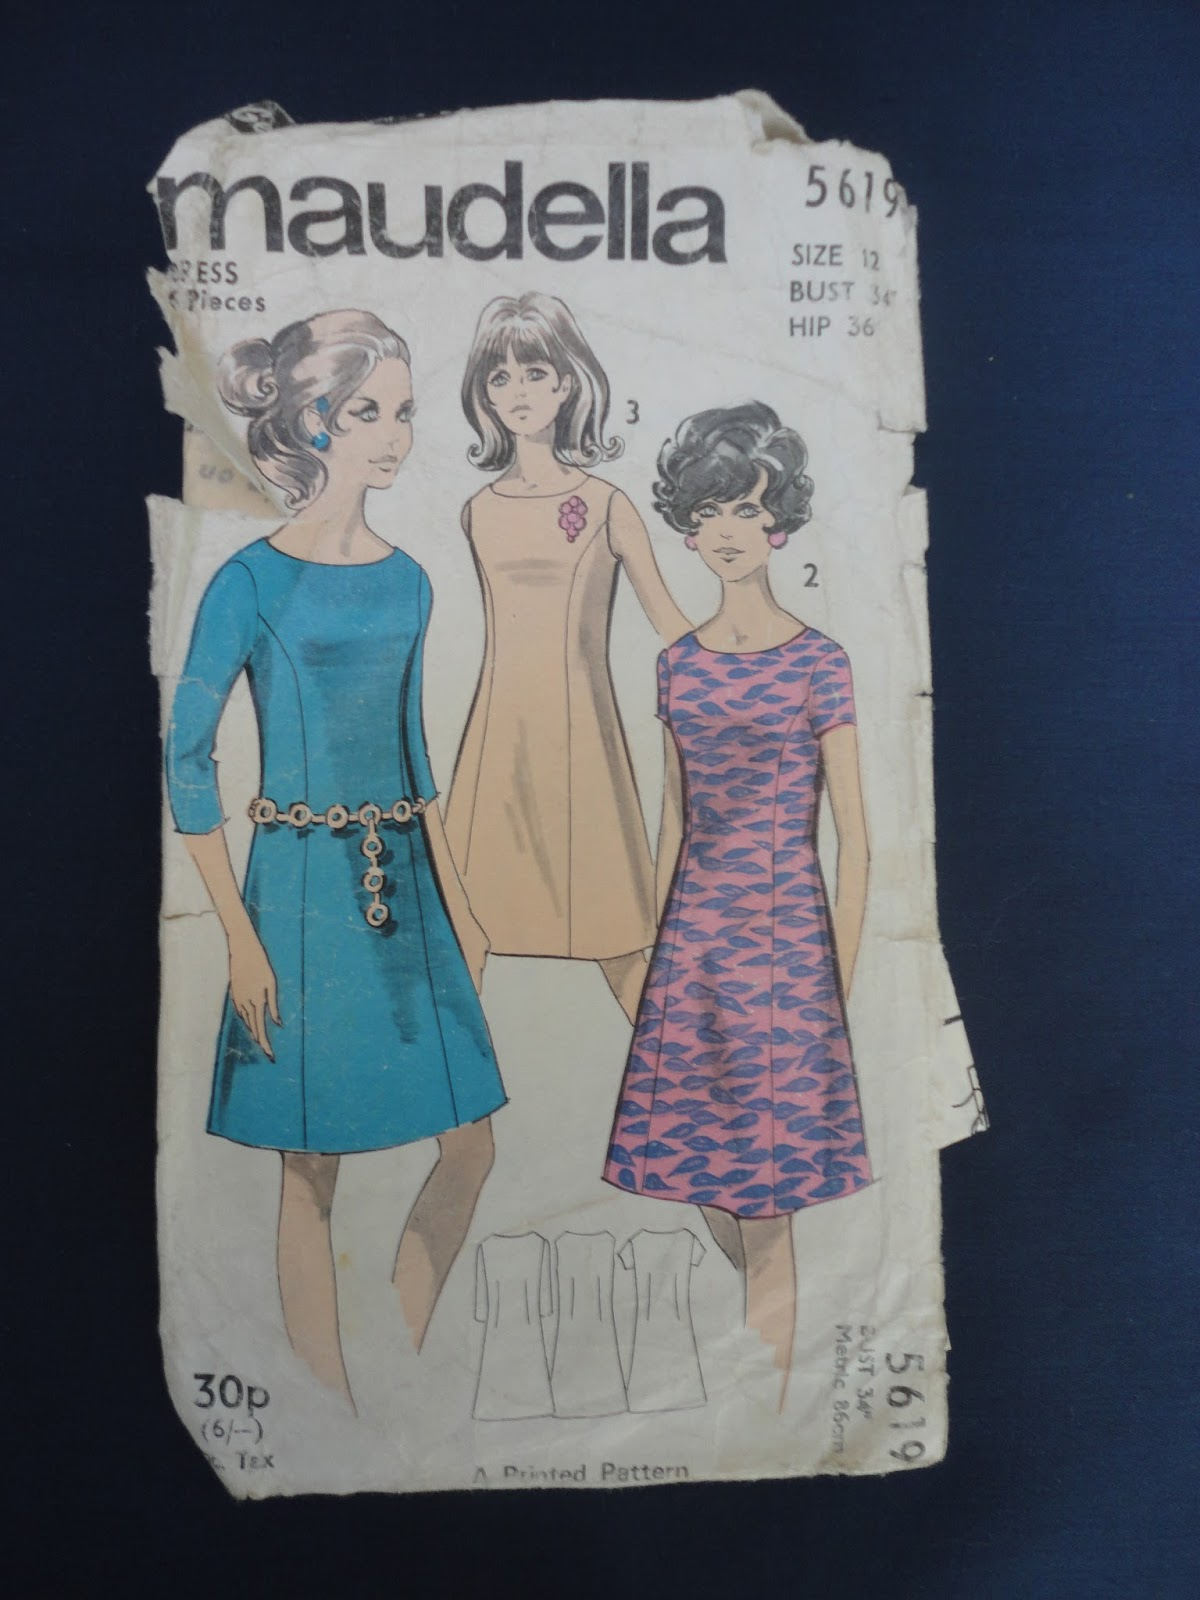 Maudella 5619